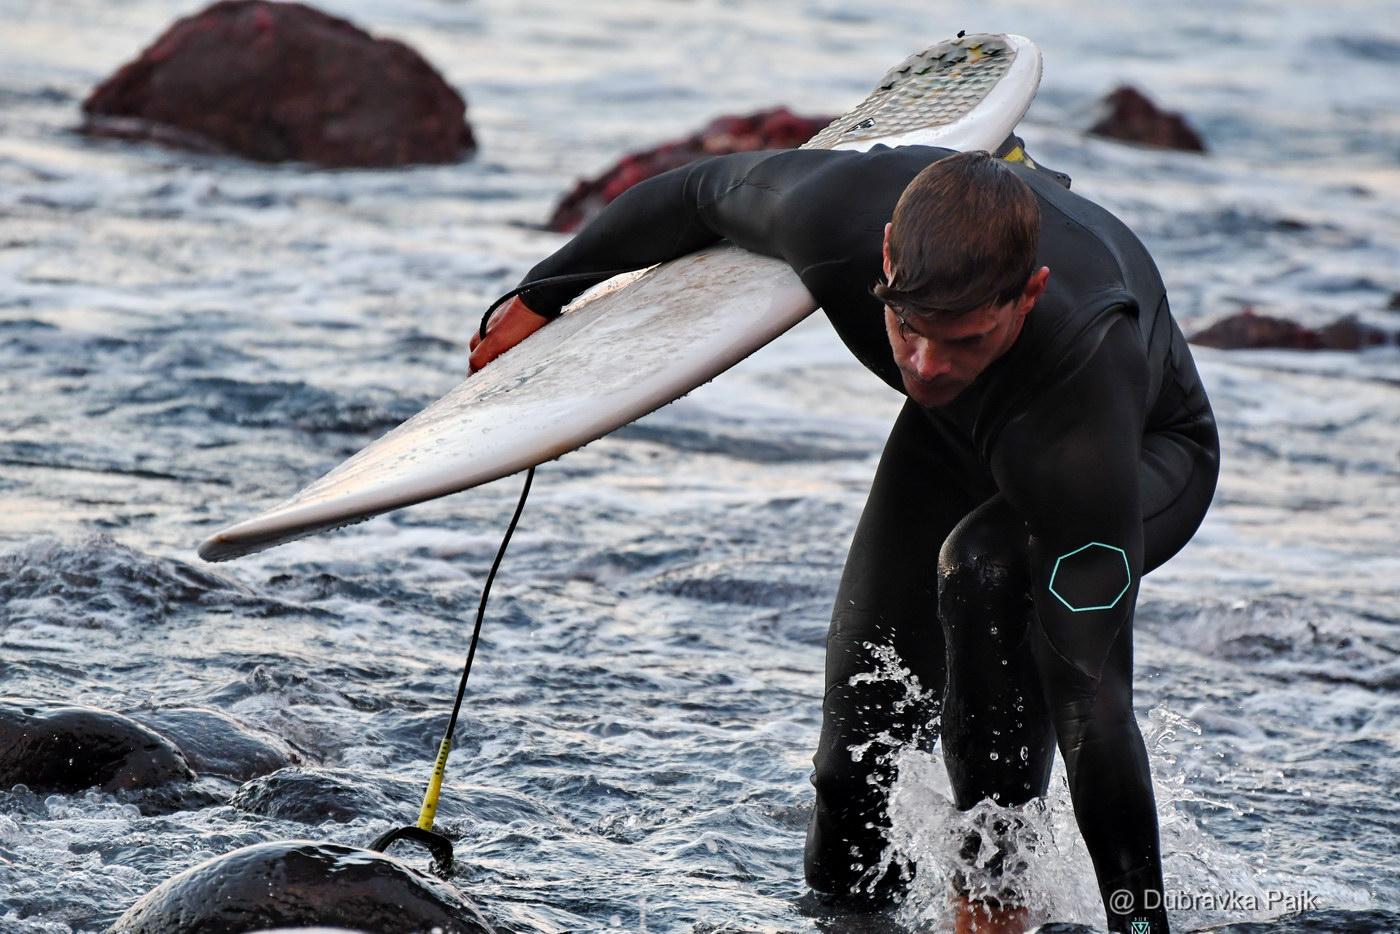 SURFING Puerto de la Cruz